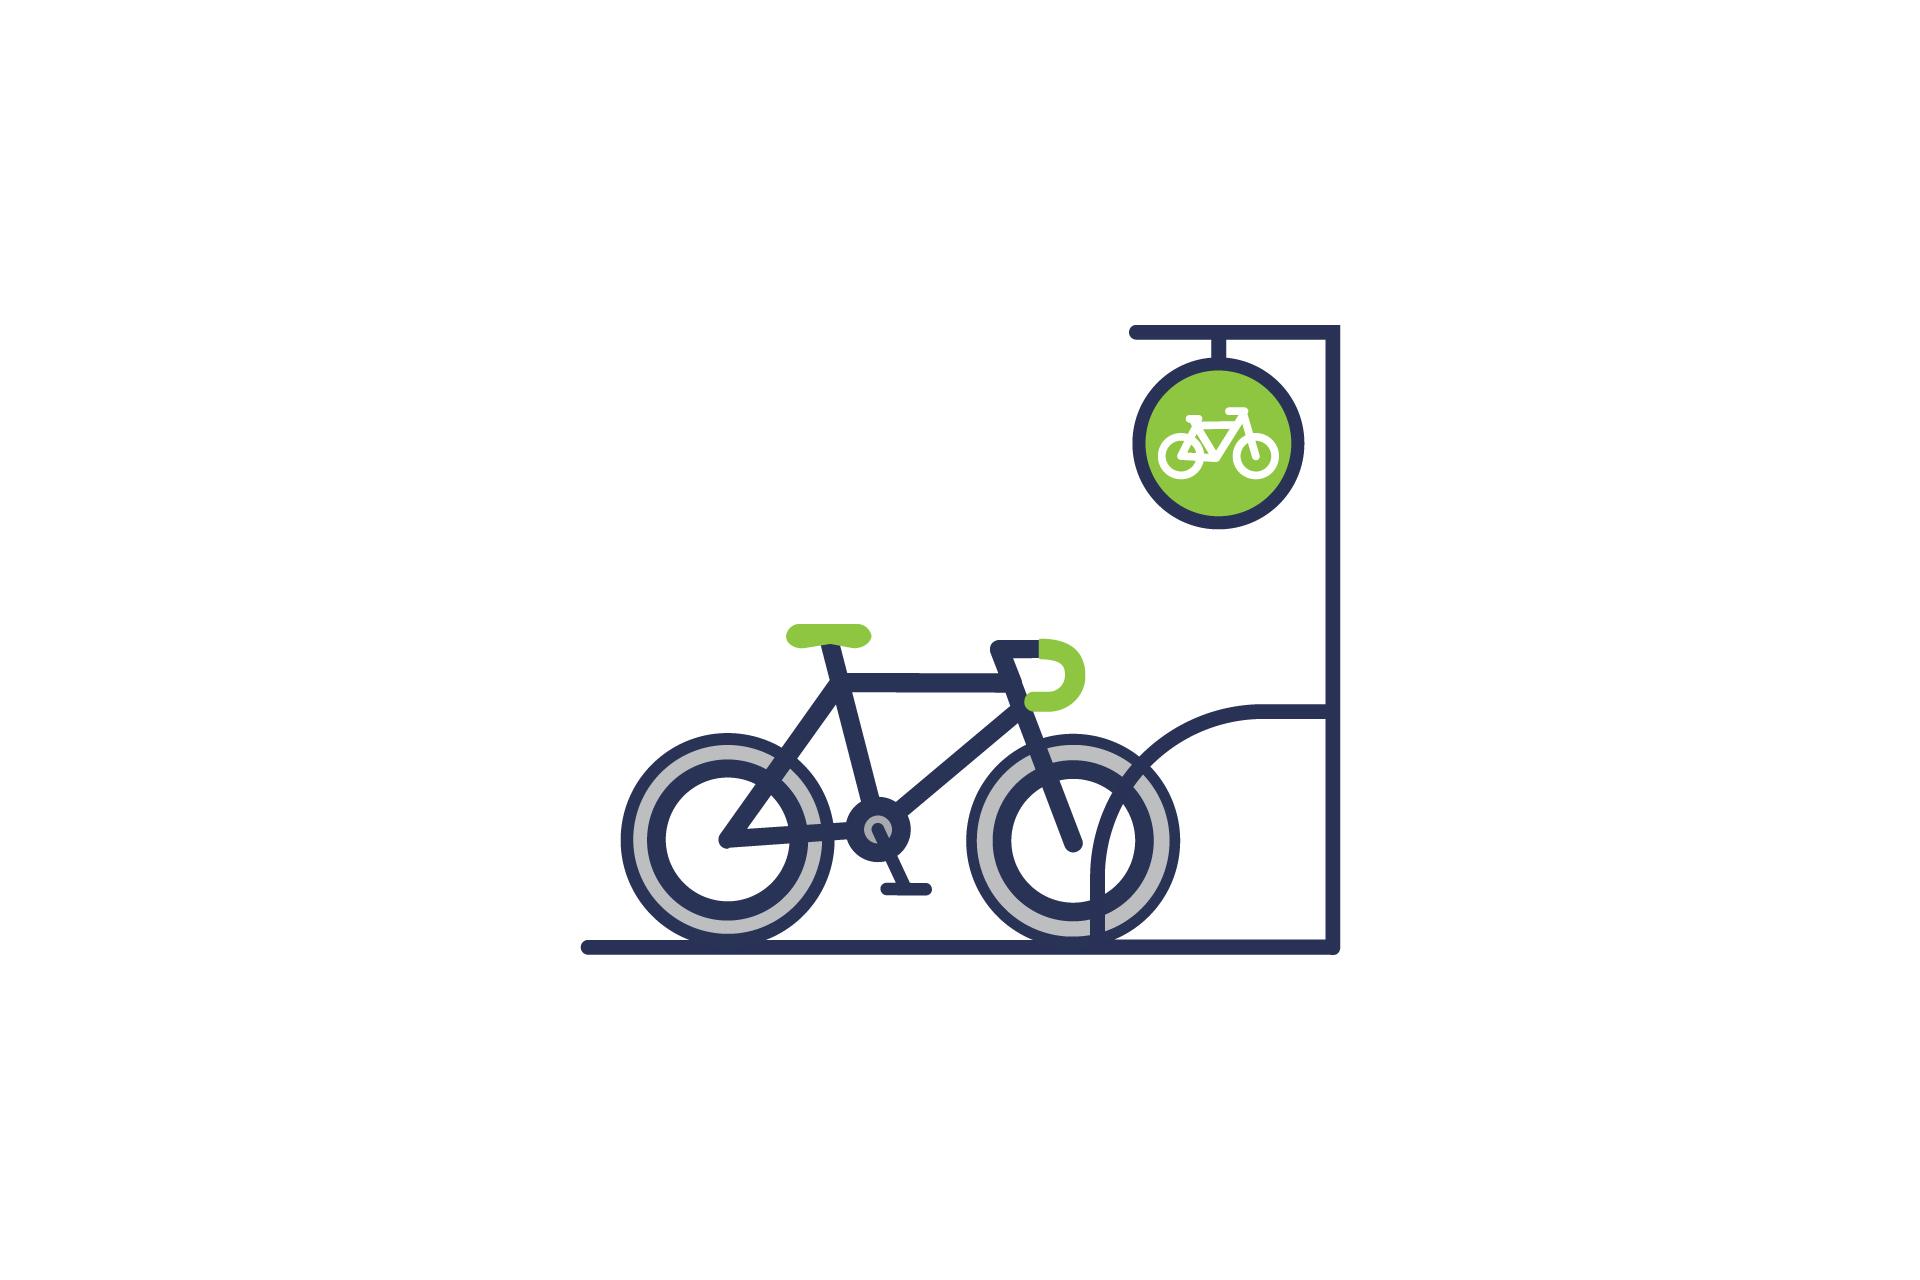 POTH_Bike.jpg